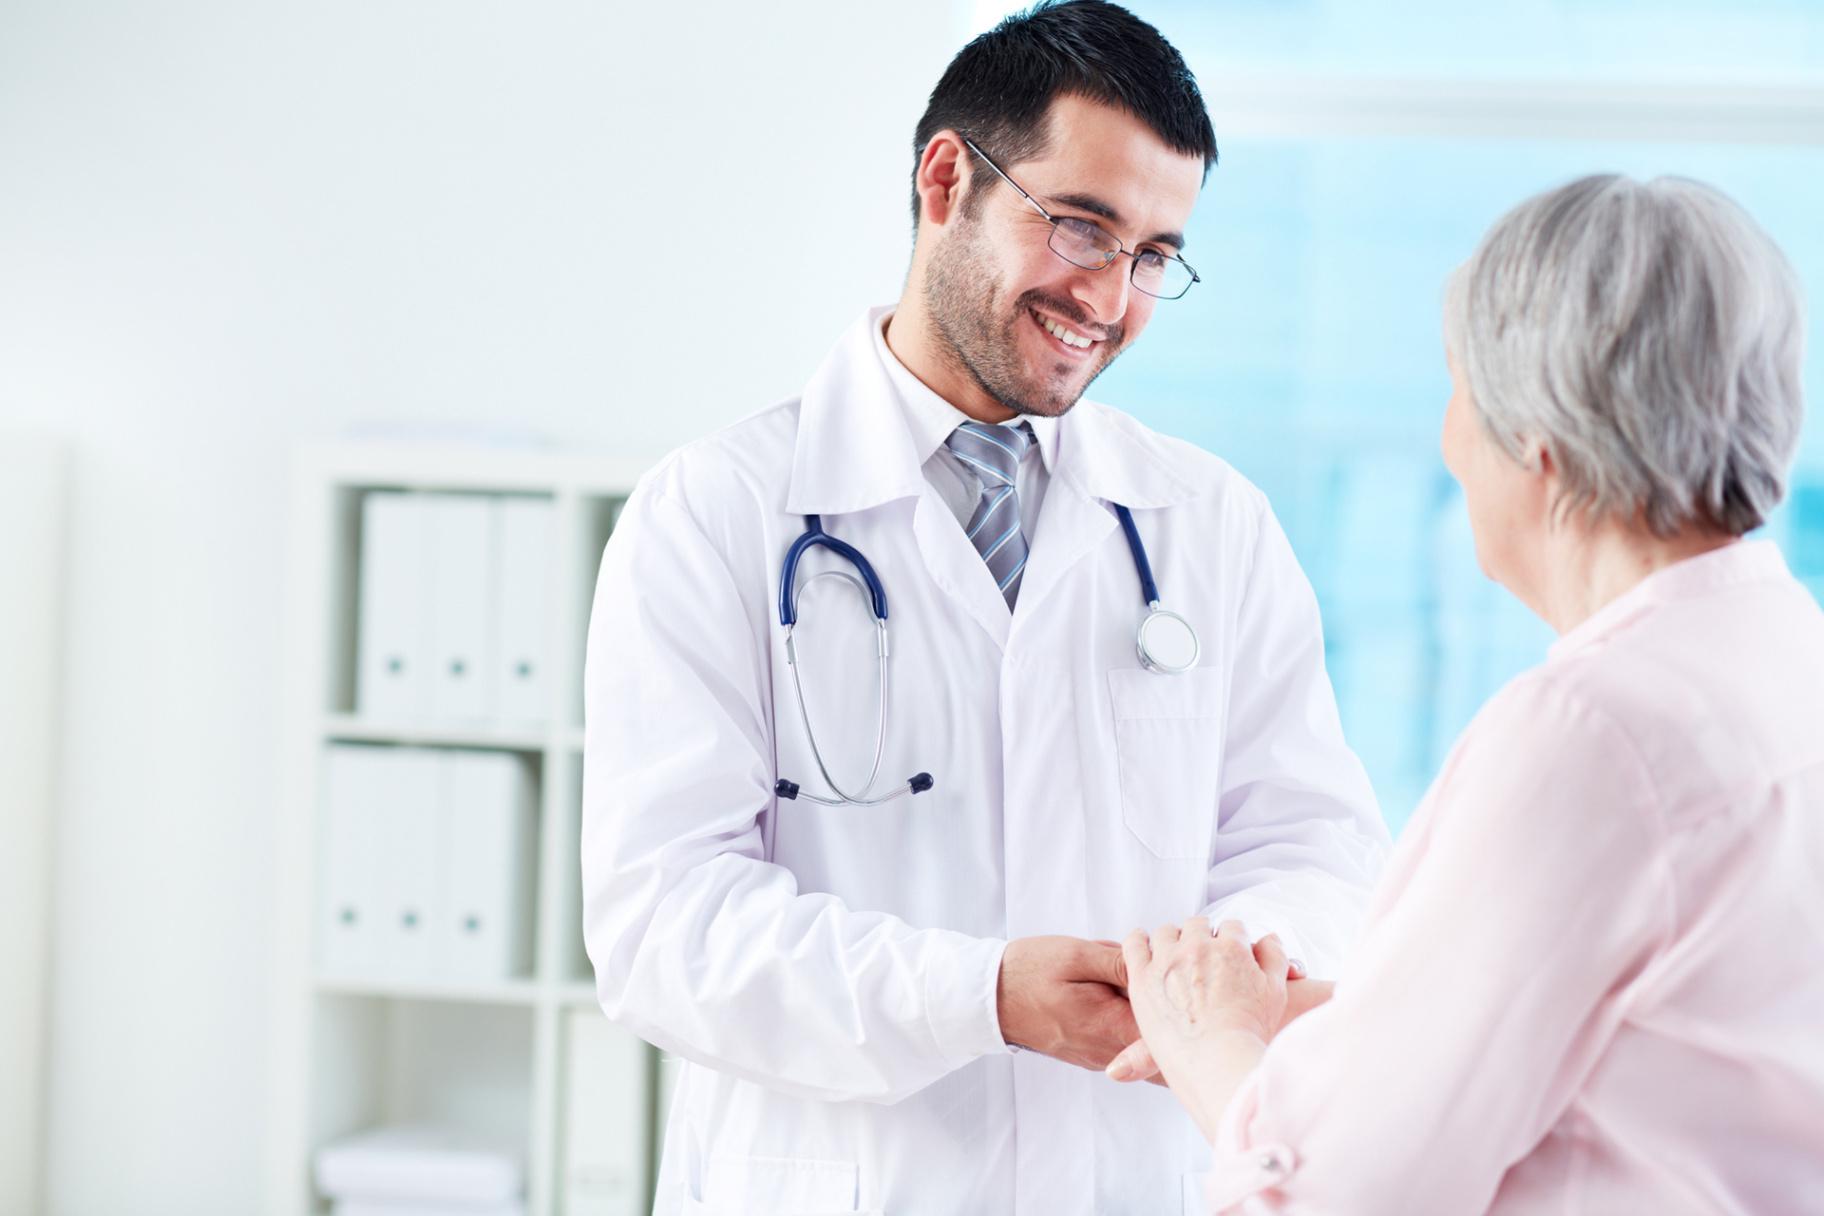 Descubra 5 curiosidades sobre a medicina e bem-estar